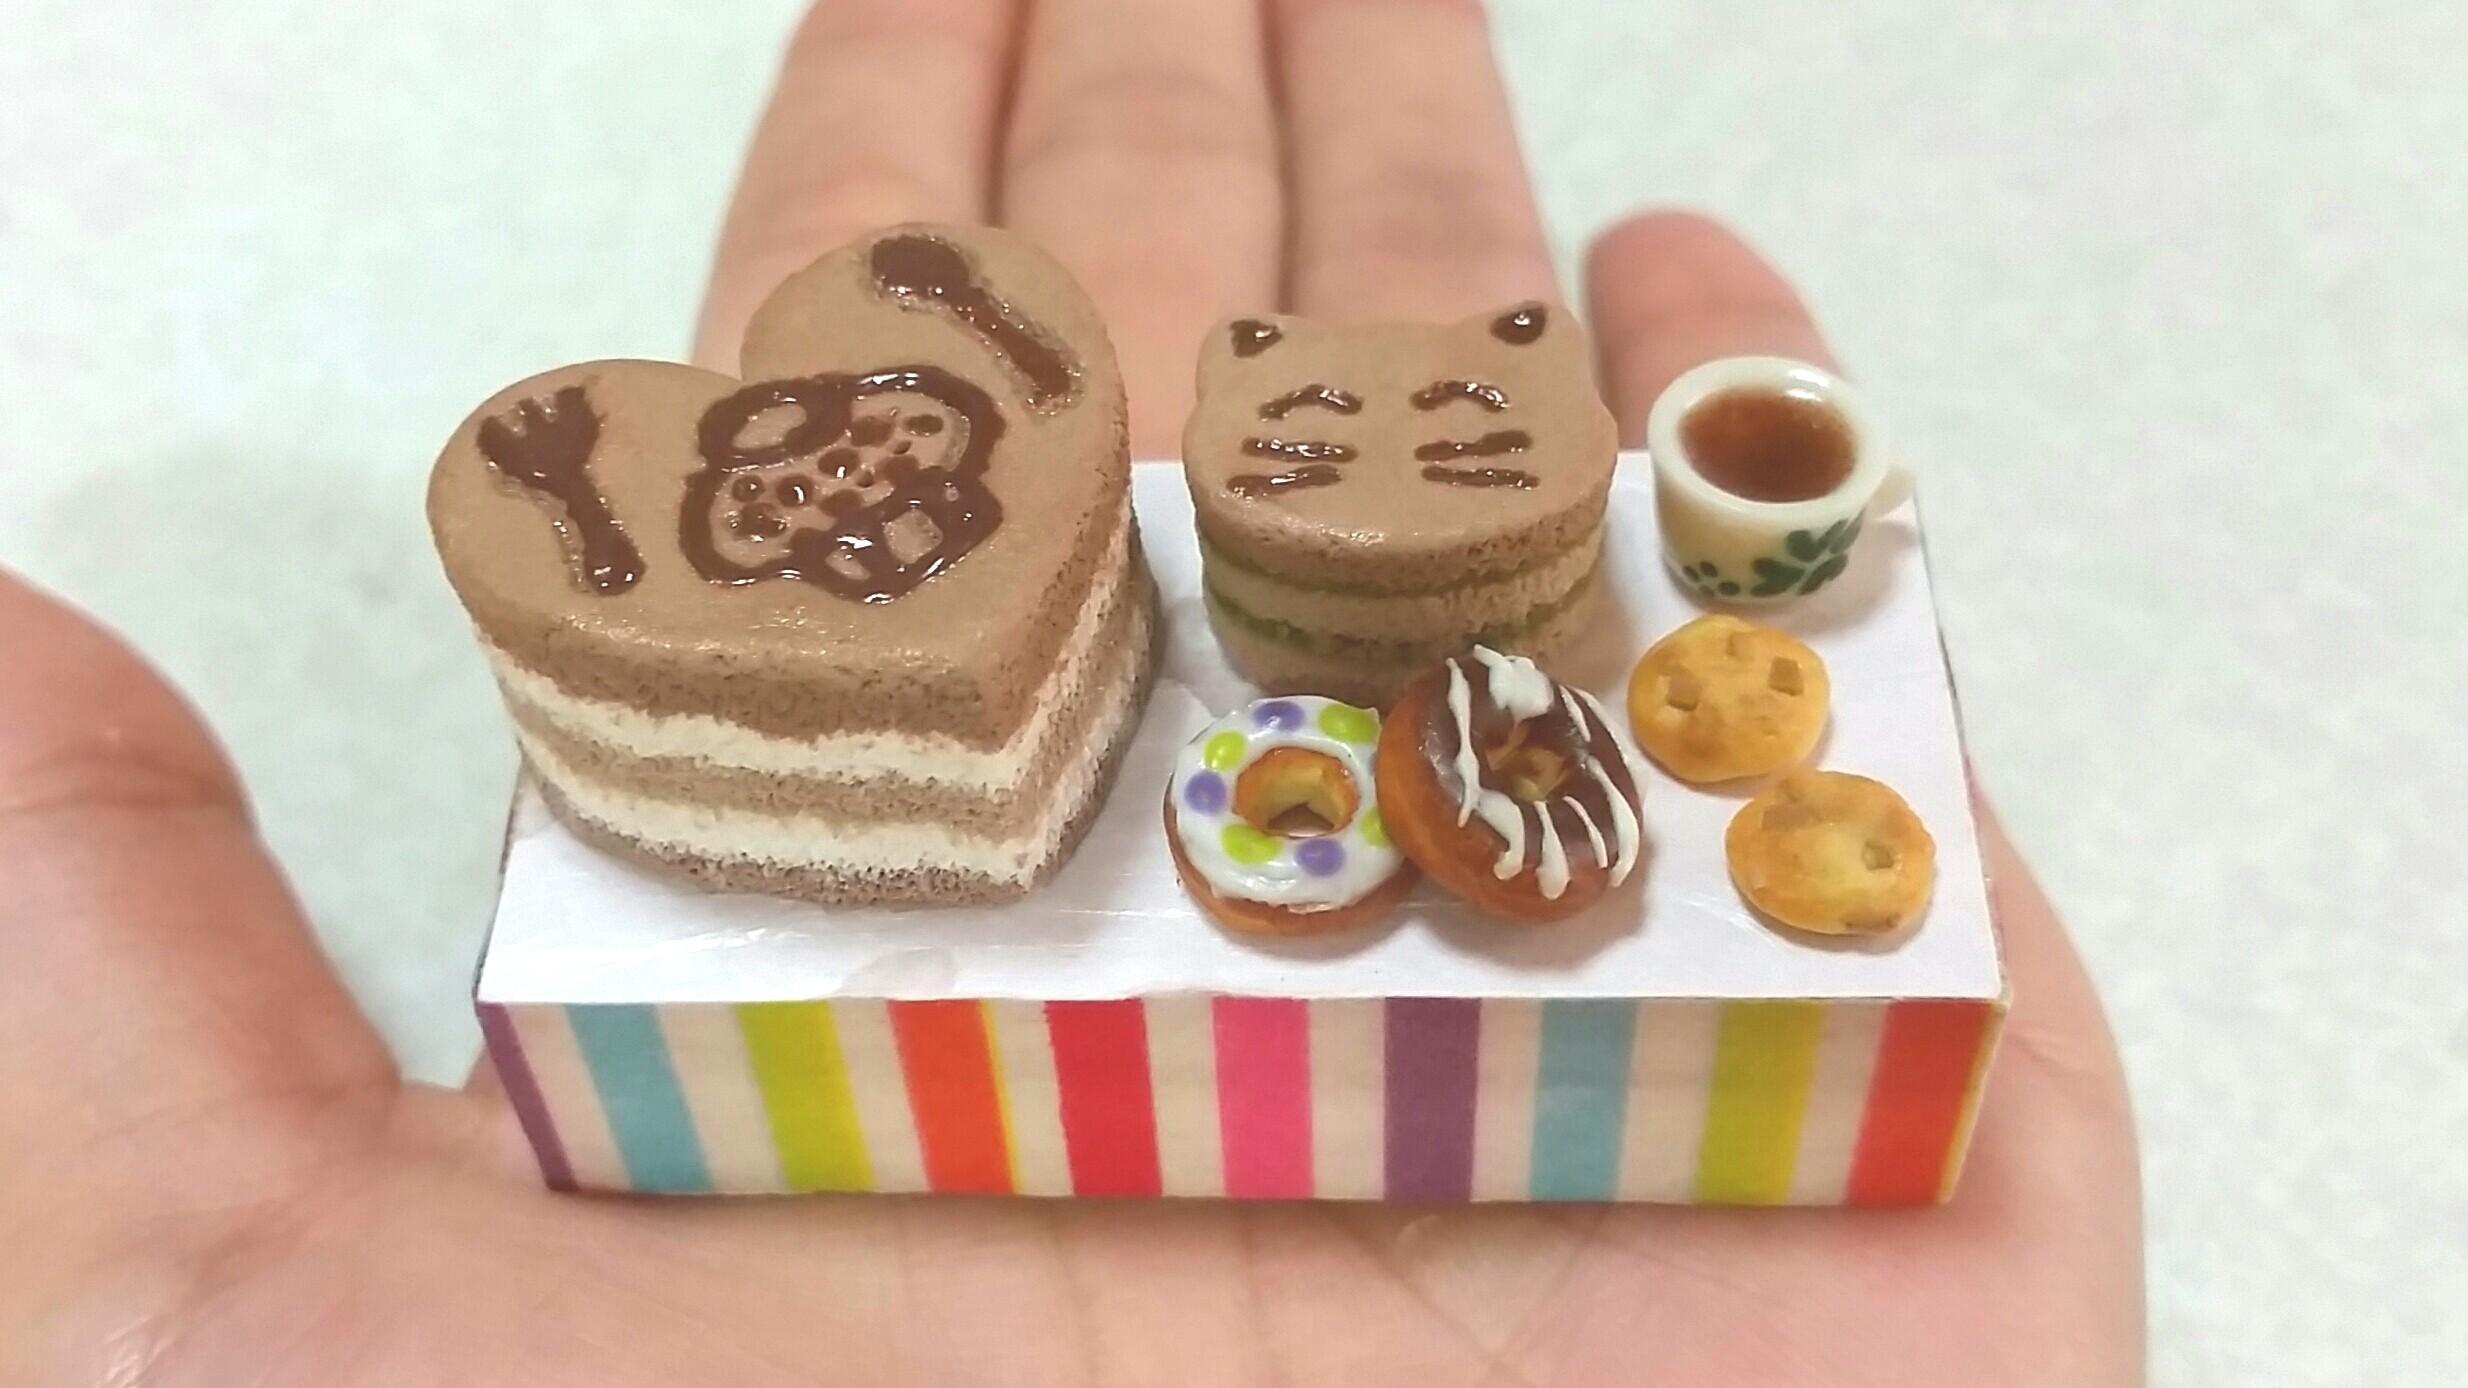 ミニチュア,ココアのケーキ,ドーナツ,樹脂粘土,可愛い,手作りアート